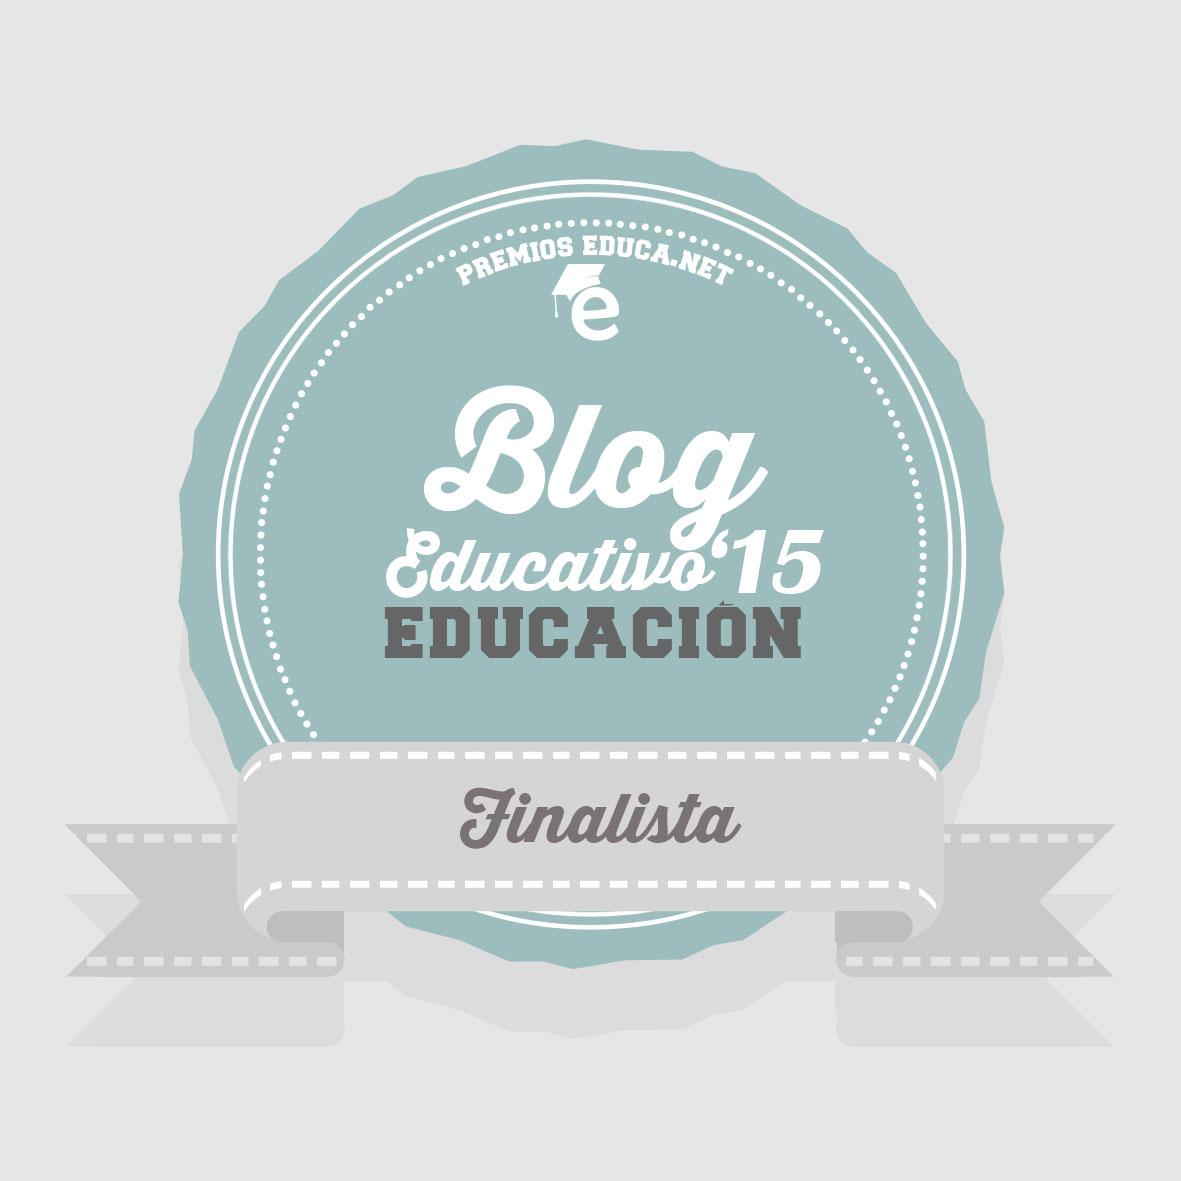 FINALISTA BLOG DE EDUCACIÓN